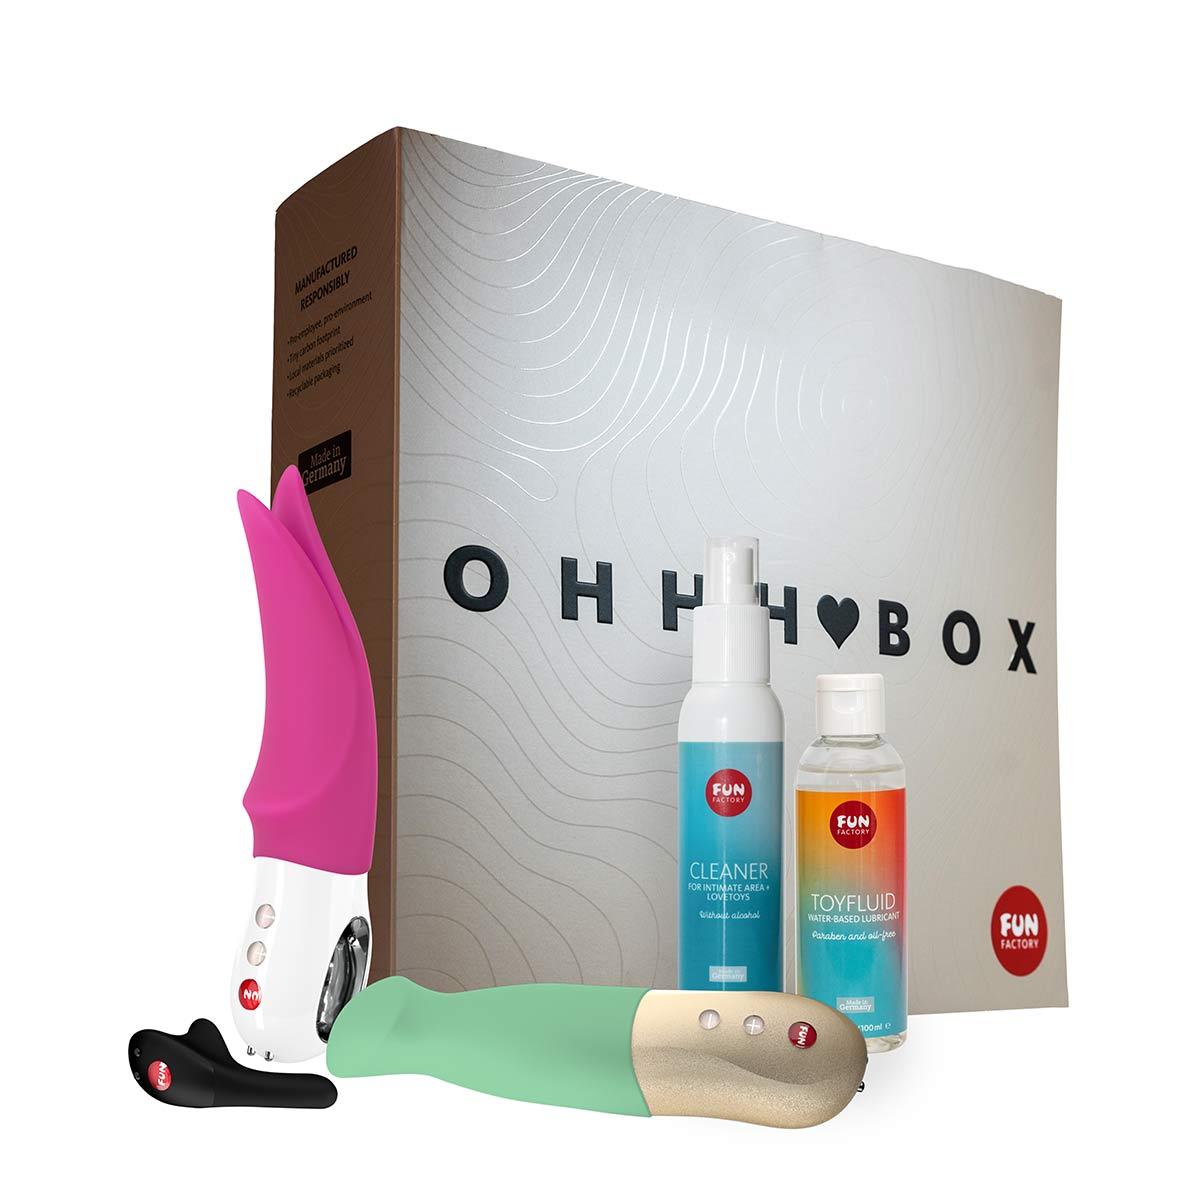 Zestaw dla niej OHHH Box Fun Factory